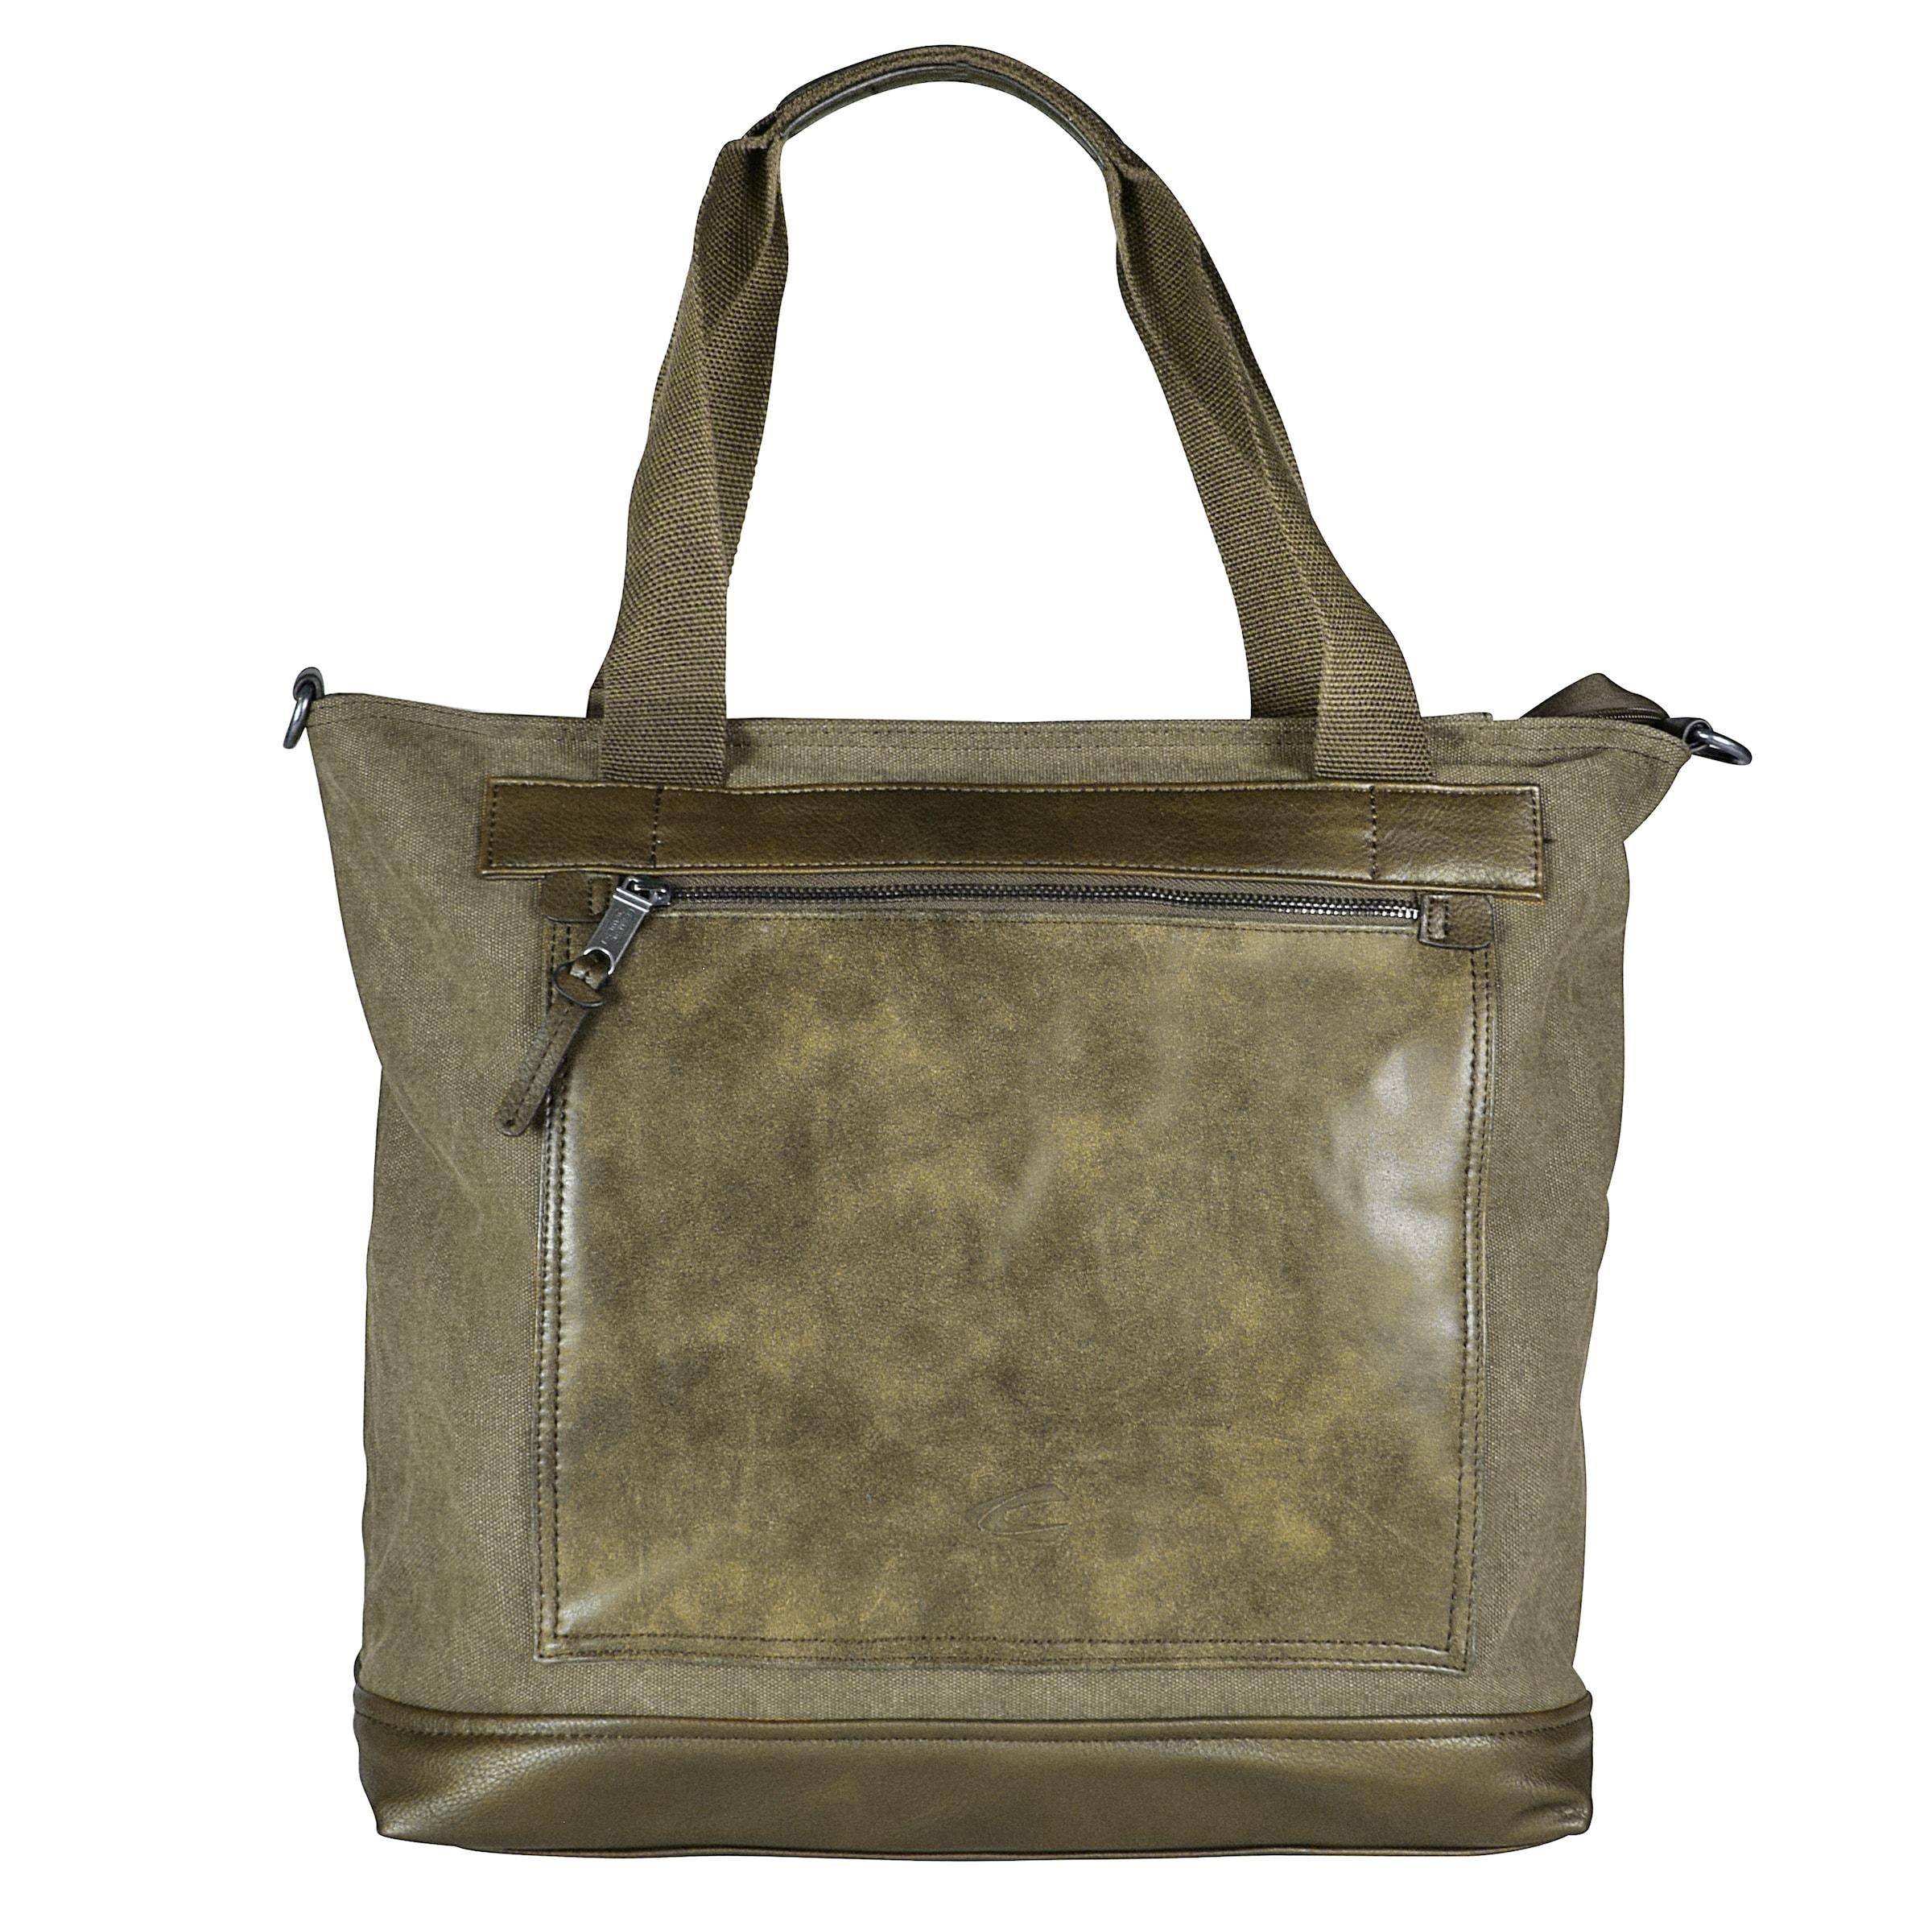 CAMEL ACTIVE Sumatra Shopper Tasche 40 cm Rabatt Manchester 8e8xeBIiHC